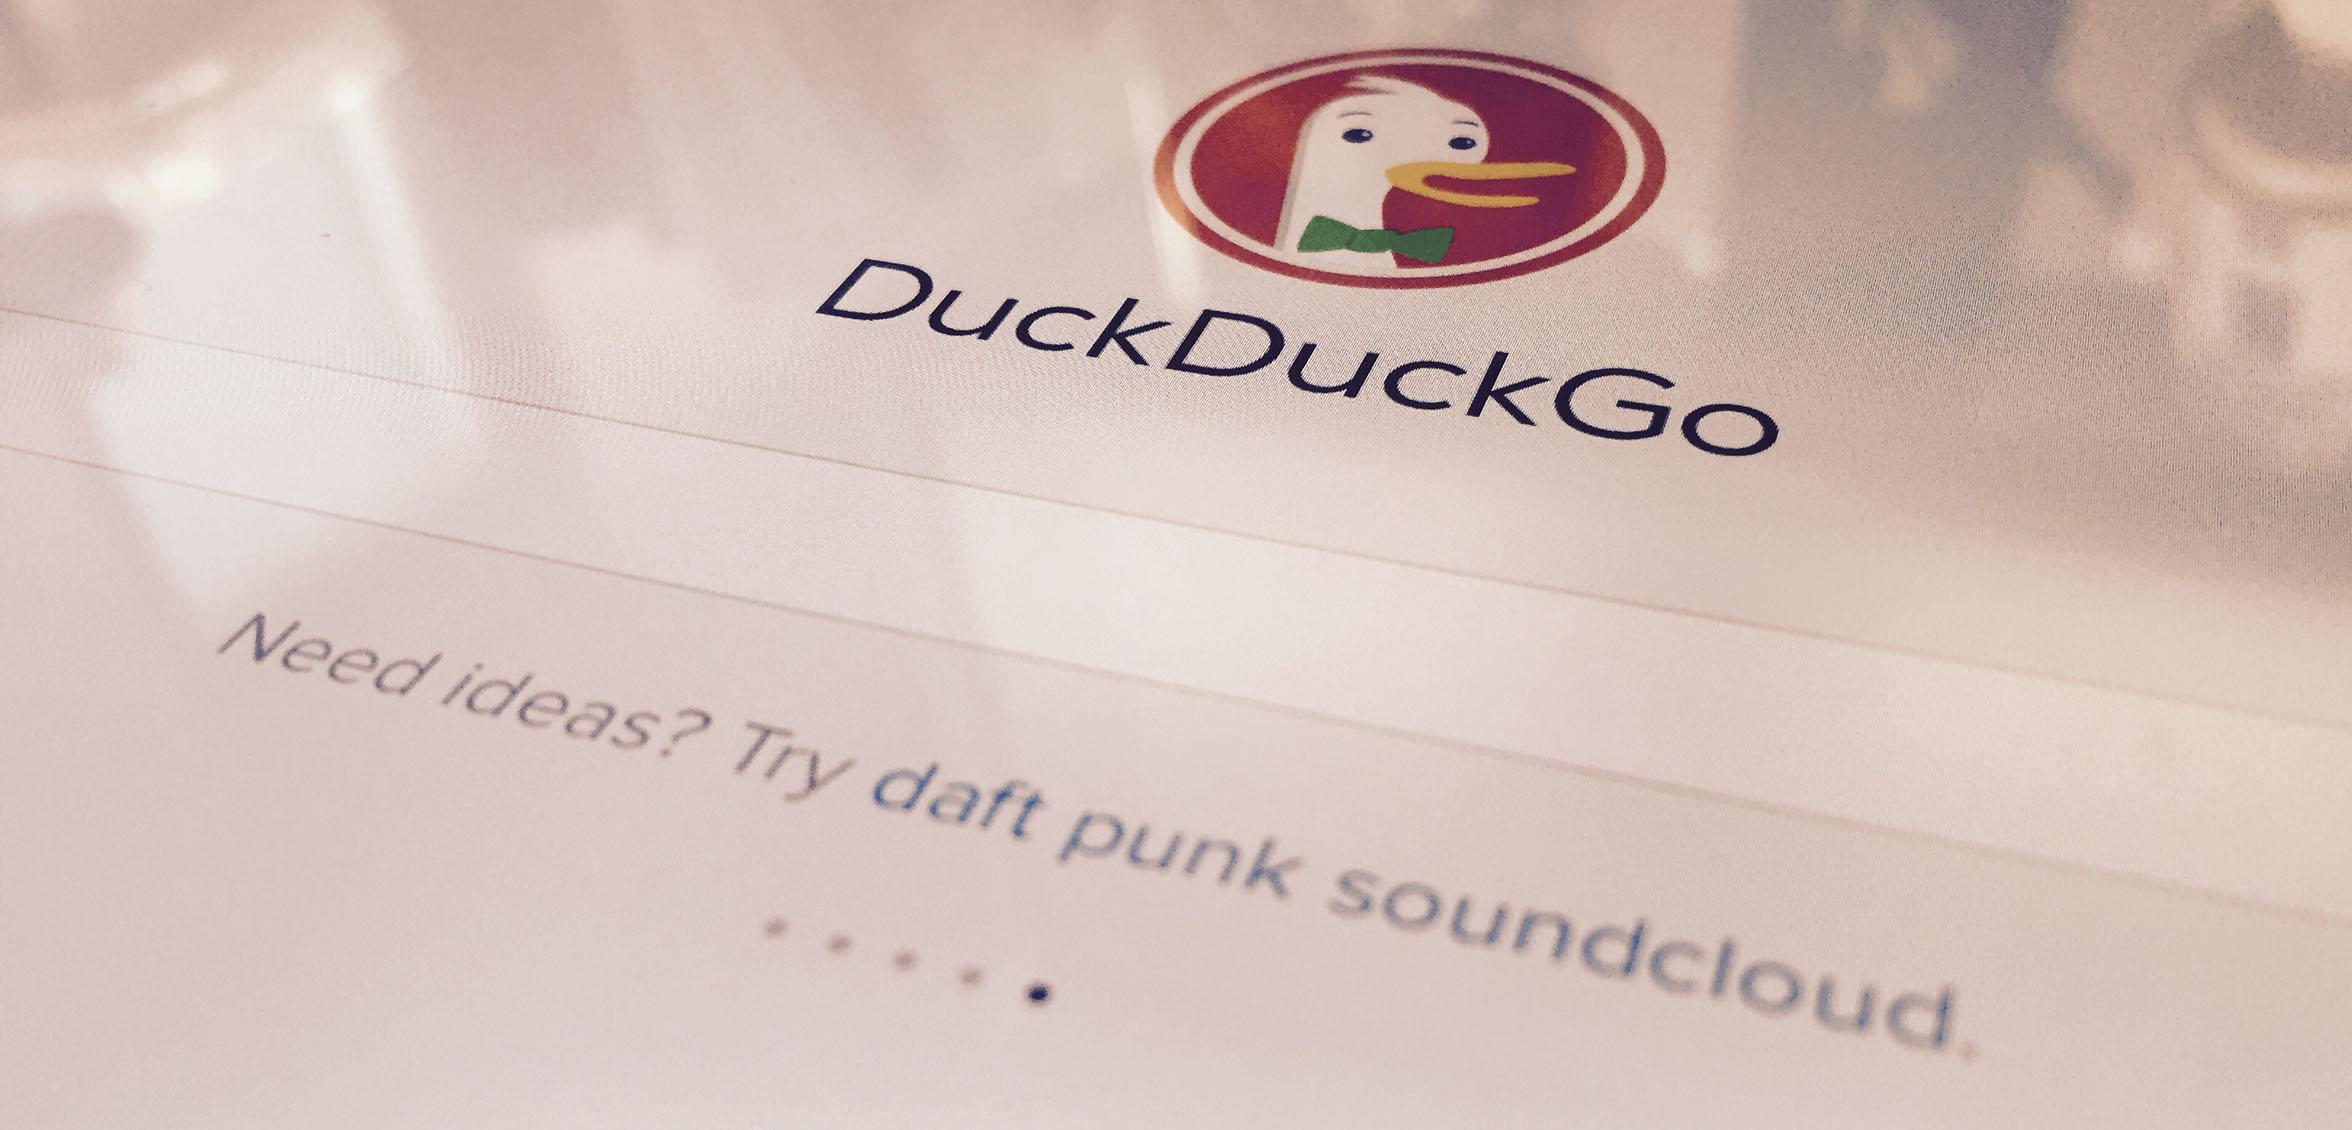 Au fait, pourquoi DuckDuckGo s'appelle DuckDuckGo ?